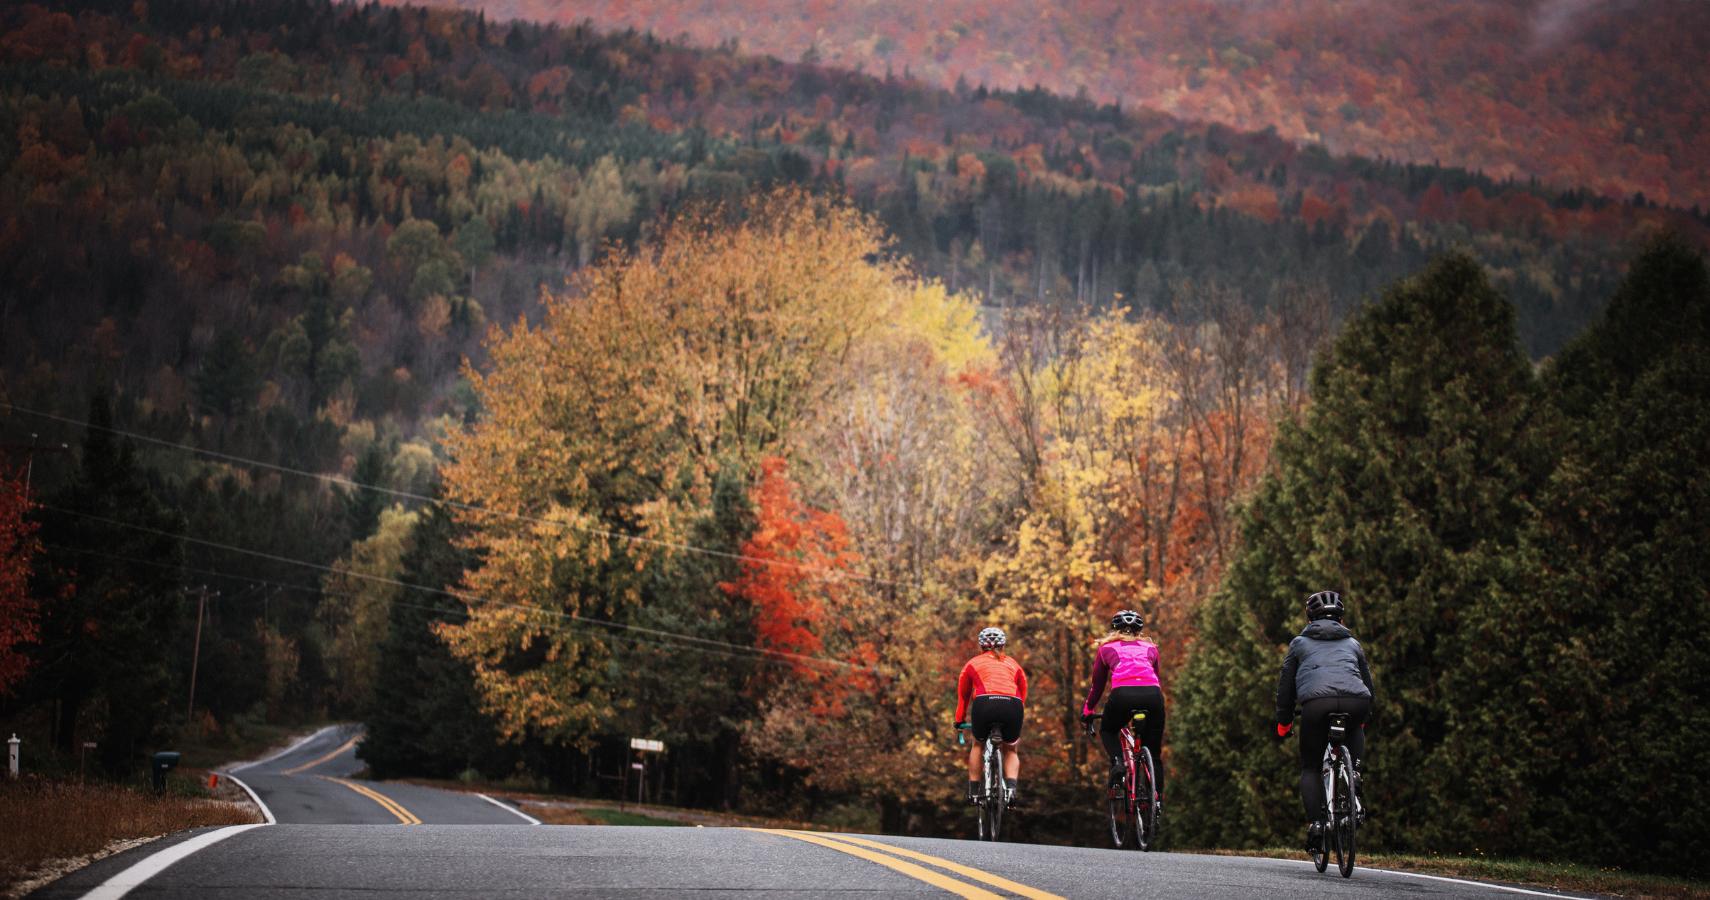 Parcourez nos plus belles routes en automne - Crédit photo: Les Maximes